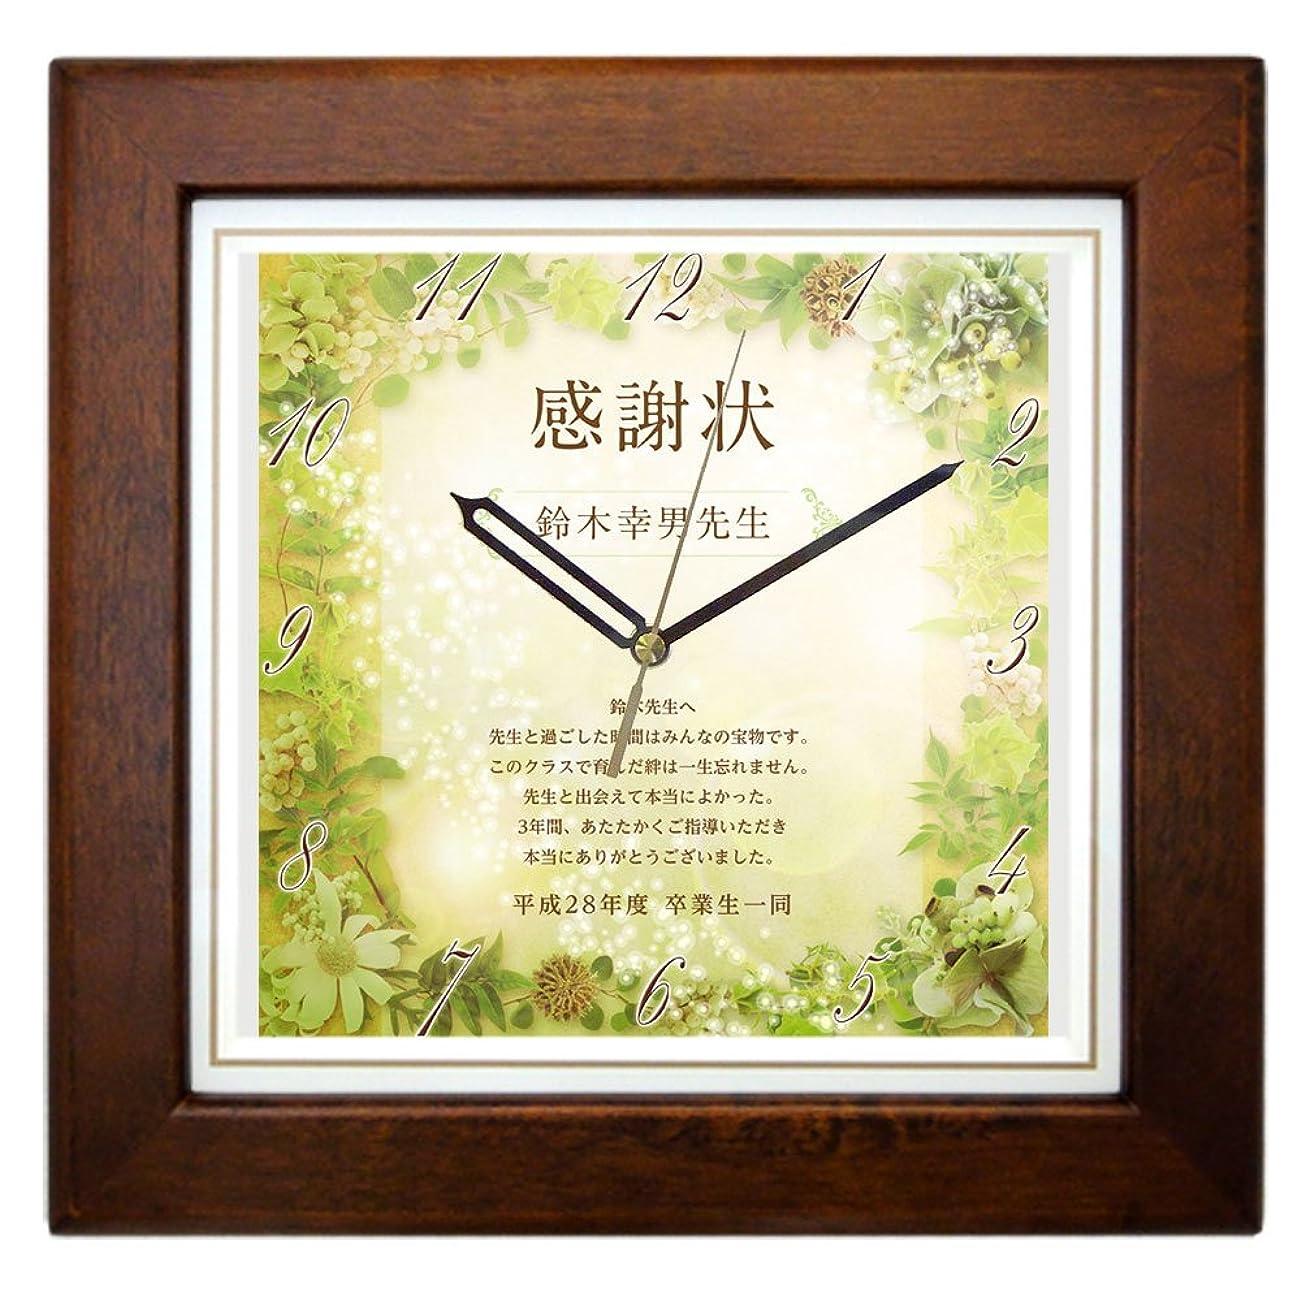 輪郭置き場提出するしあわせの時計 感謝状時計(C グリーン&ナッツ)卒業式 卒園式 先生 保護者 卒業生 卒園児 記念のプレゼント?ギフトに文章で伝える感謝の気持ち (短納期対応)